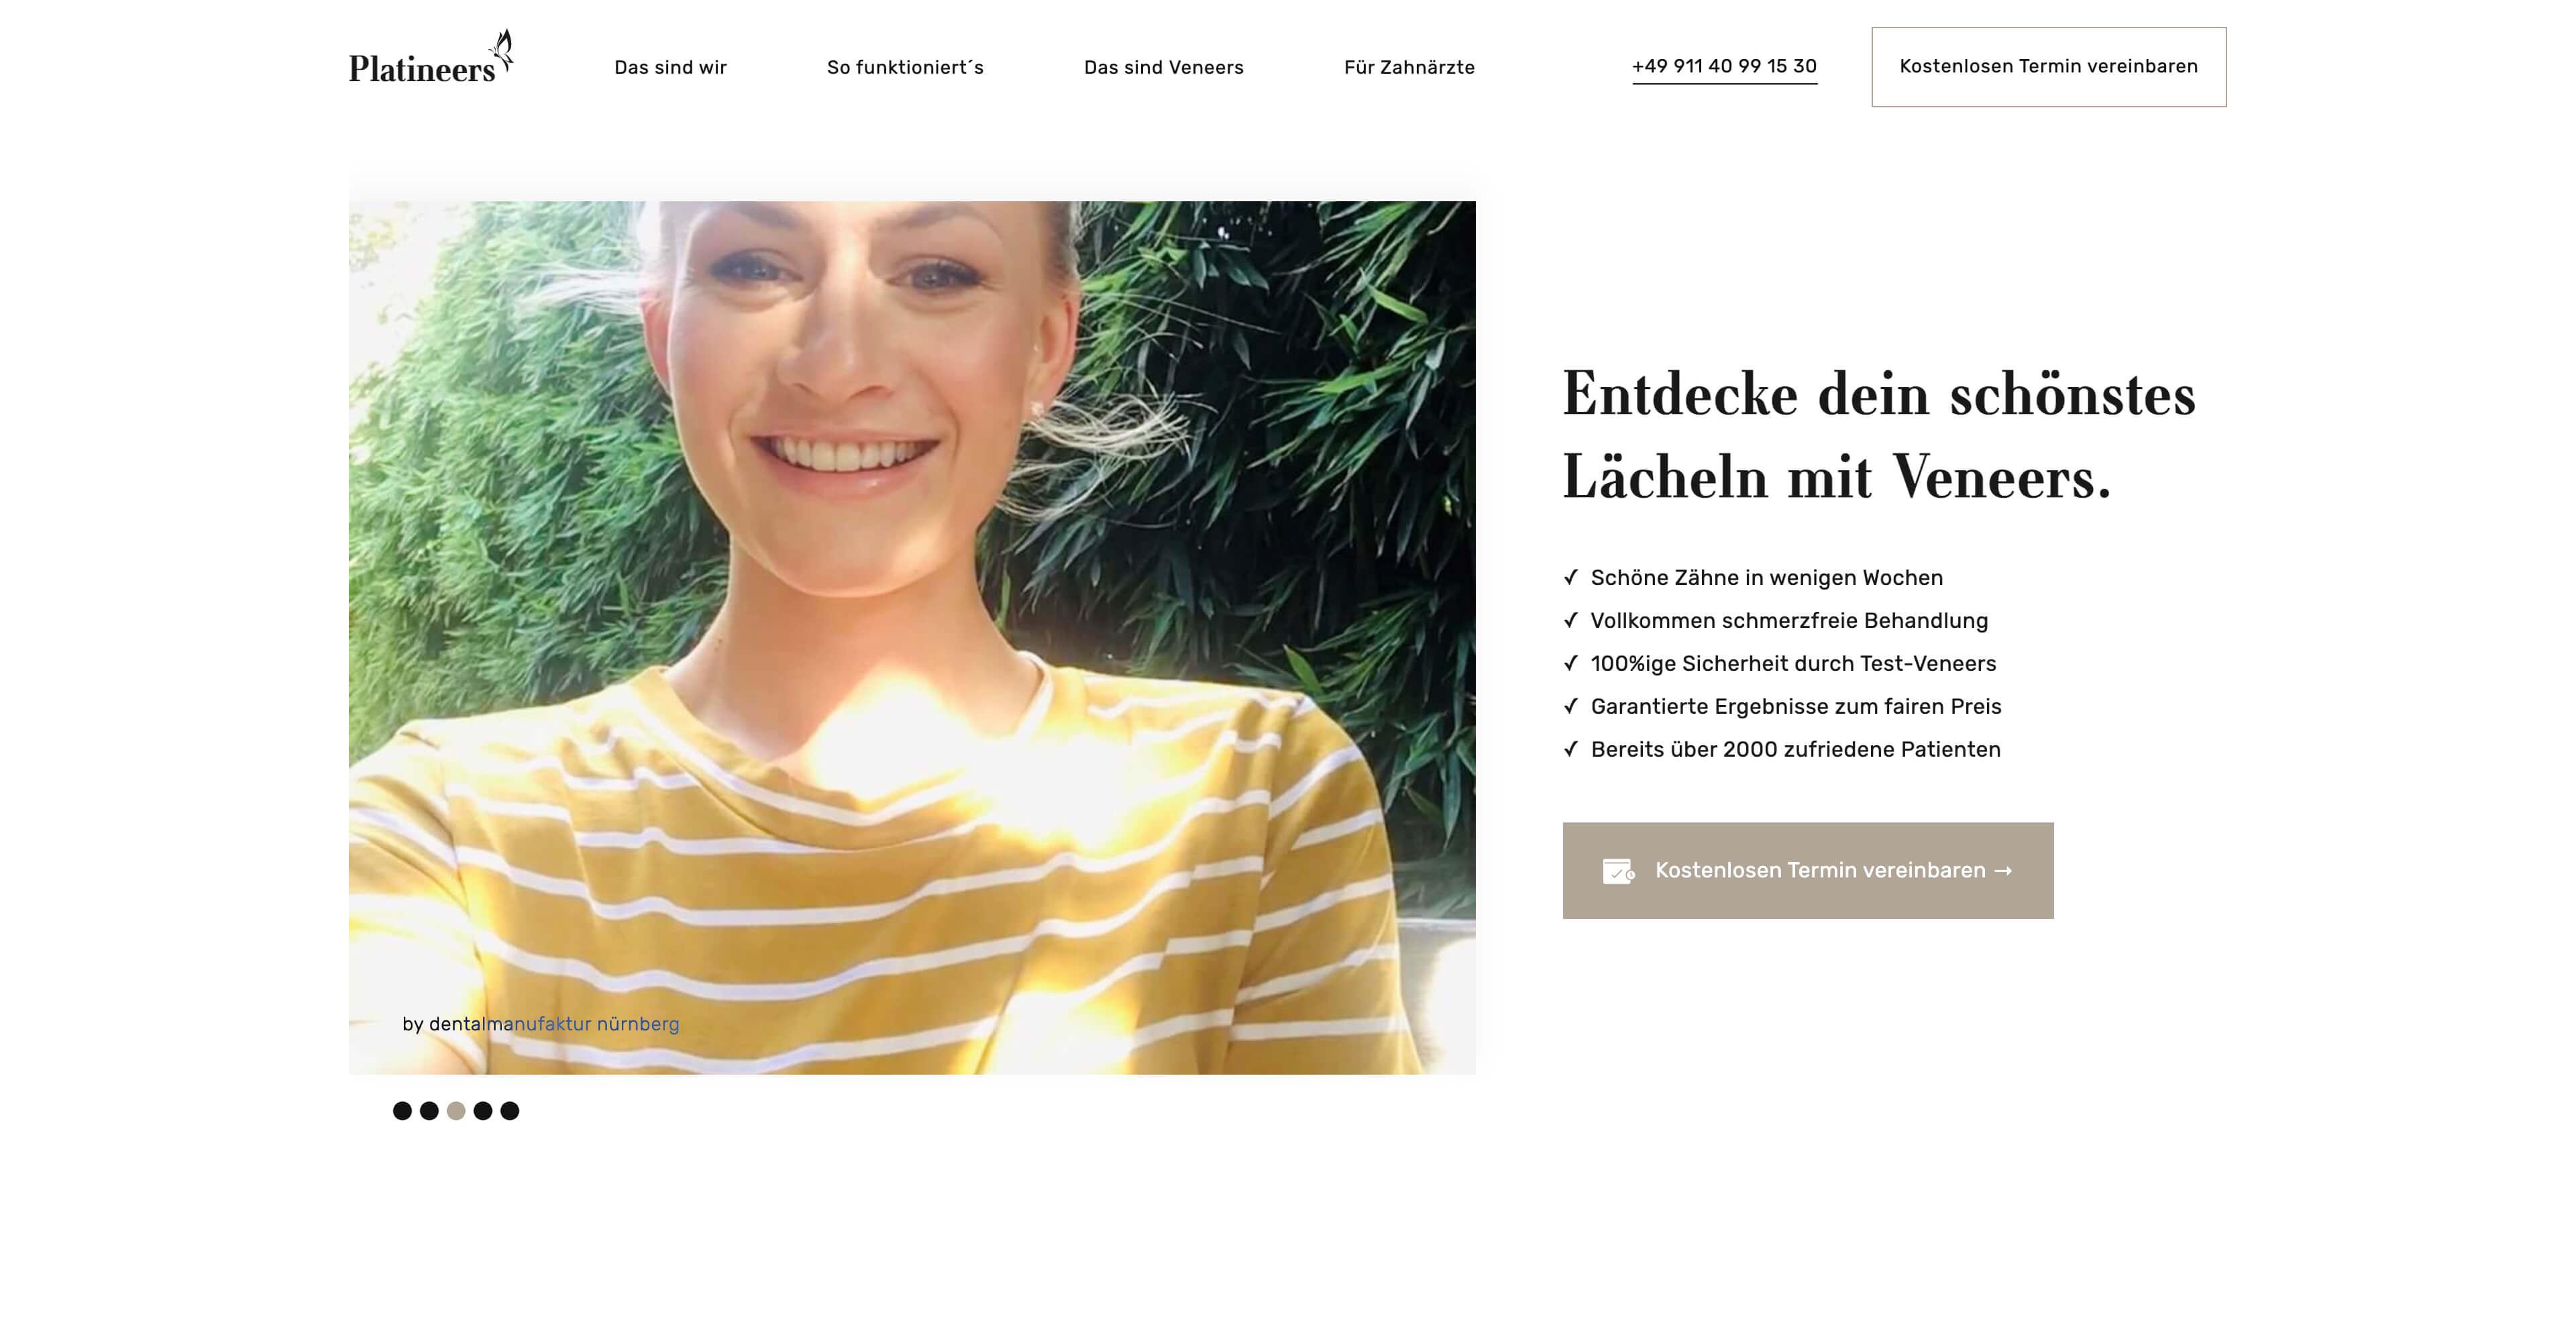 Bild der Website von Platineers - erstellt von Hofling Studio für Webdesign.